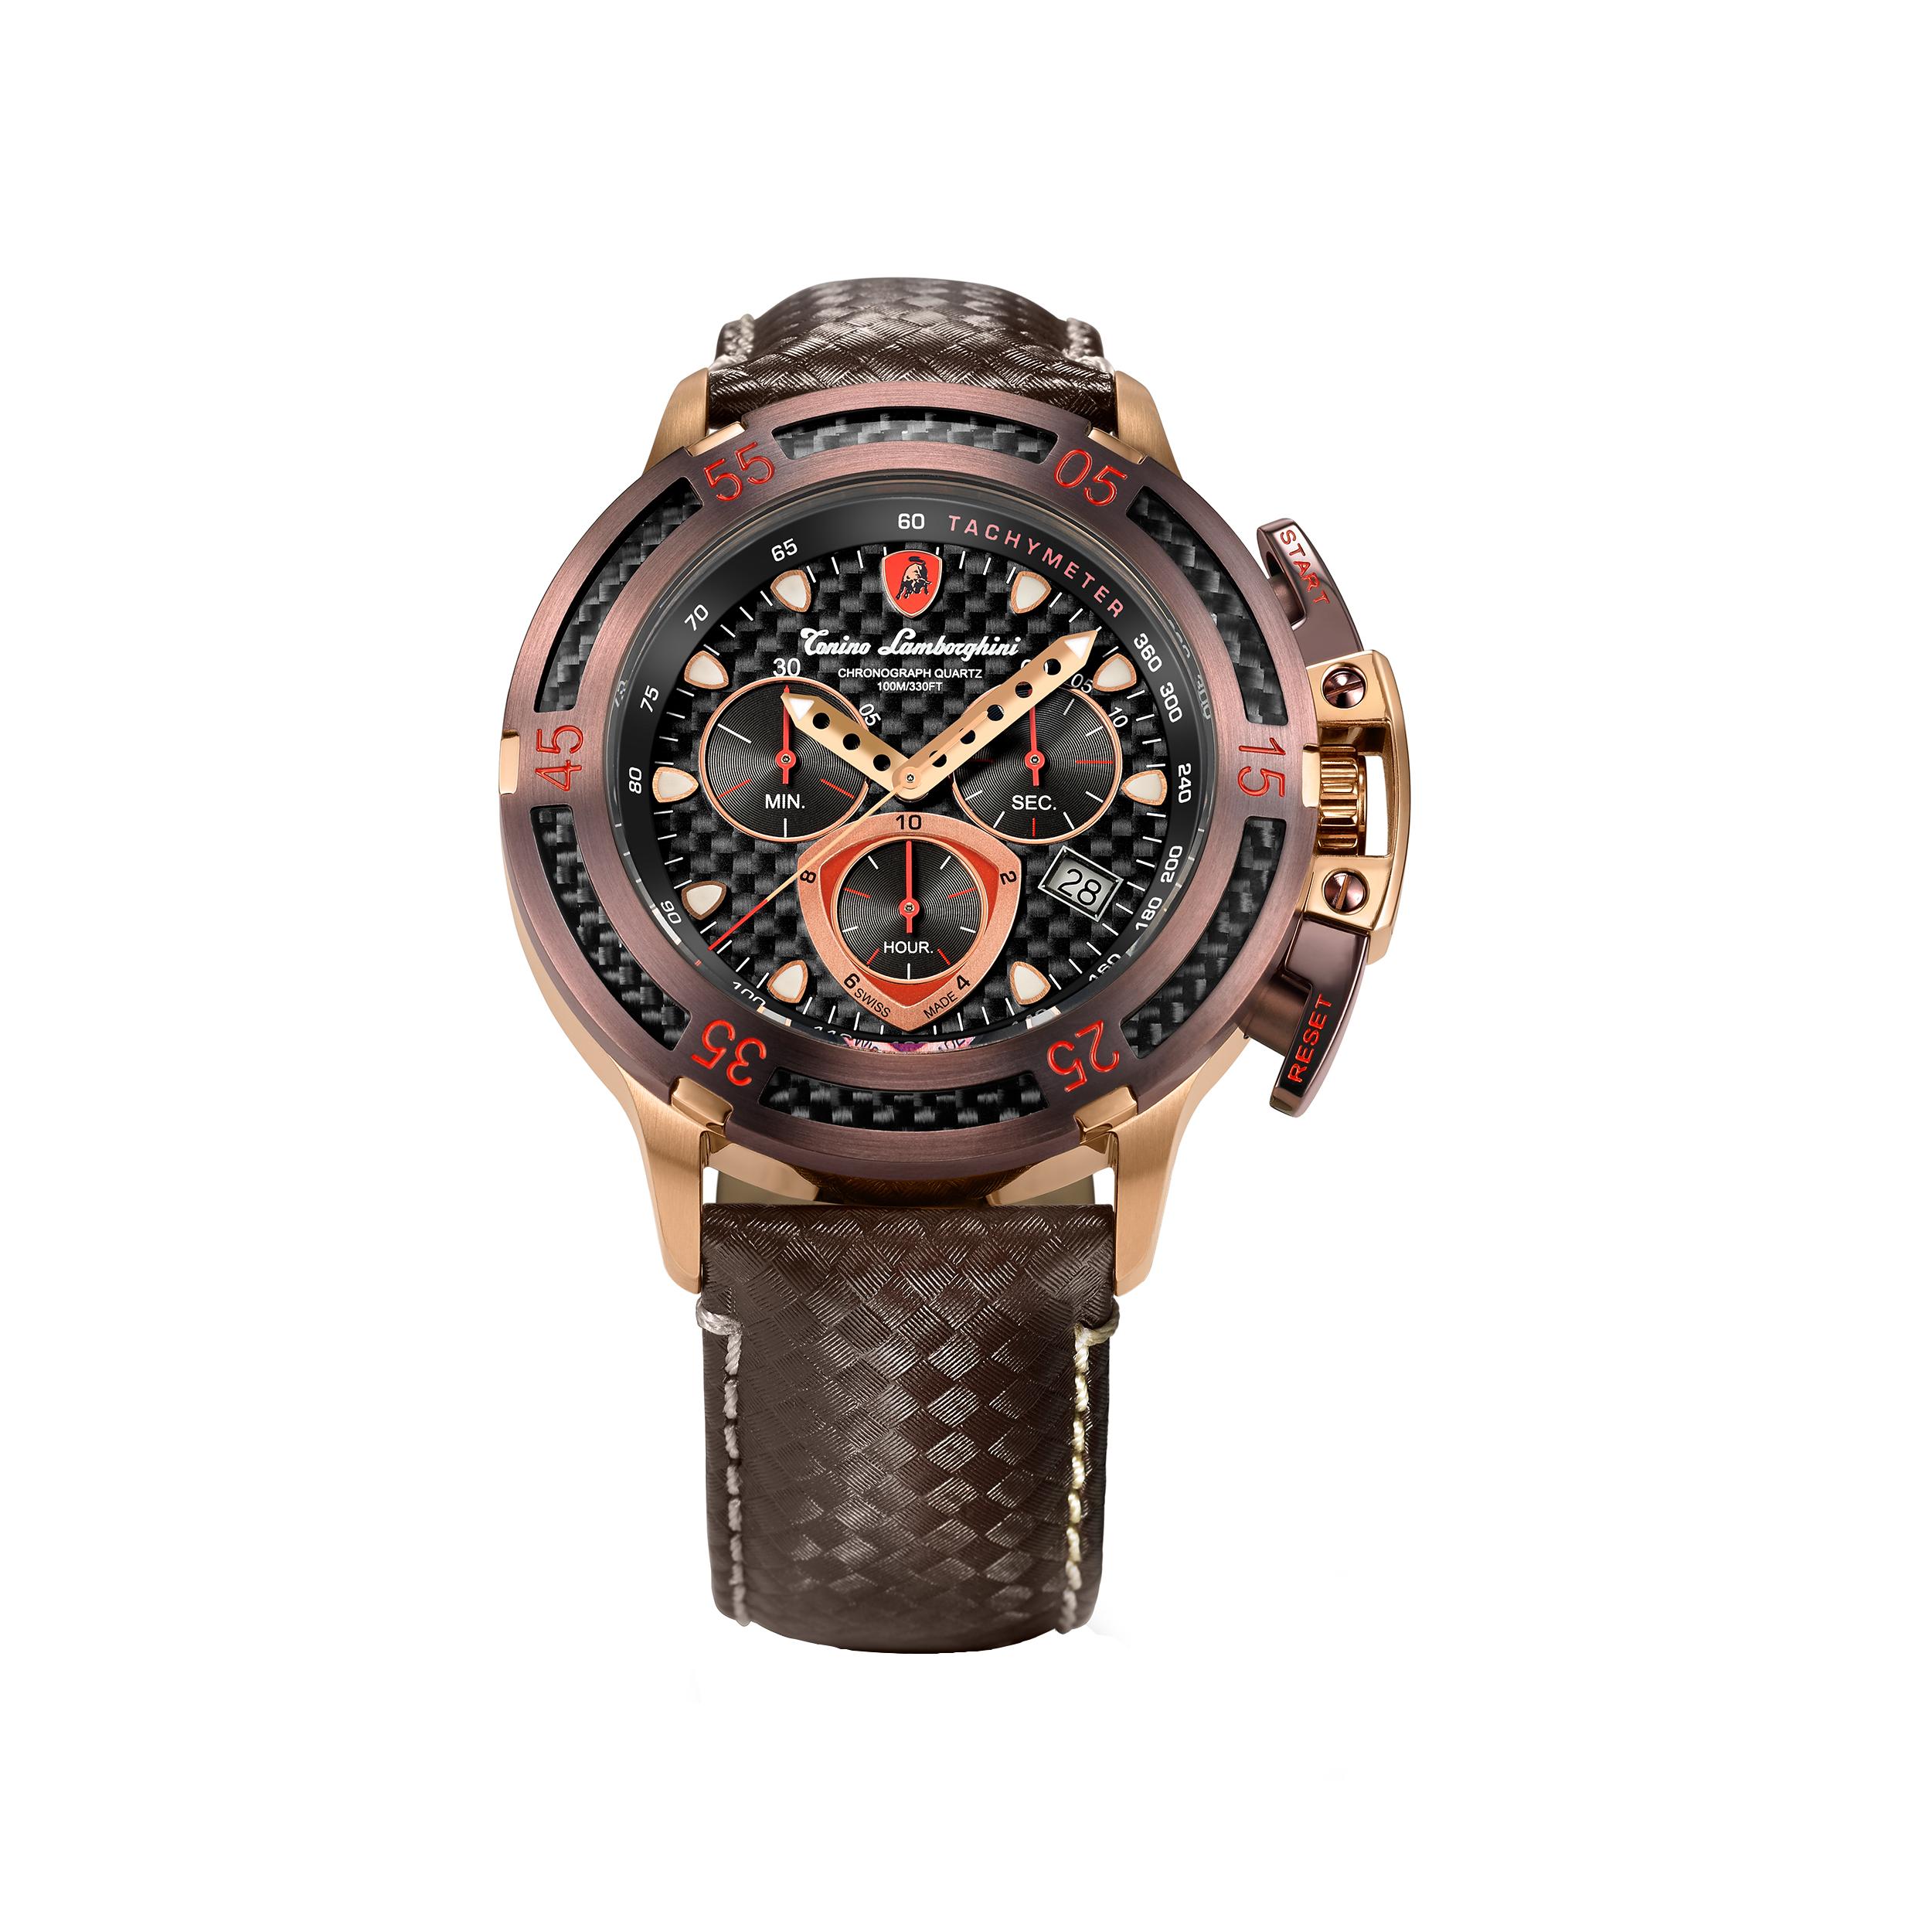 ساعت مچی عقربه ای مردانه تونینو لامبورگینی مدل WHEELS 2990 - 05